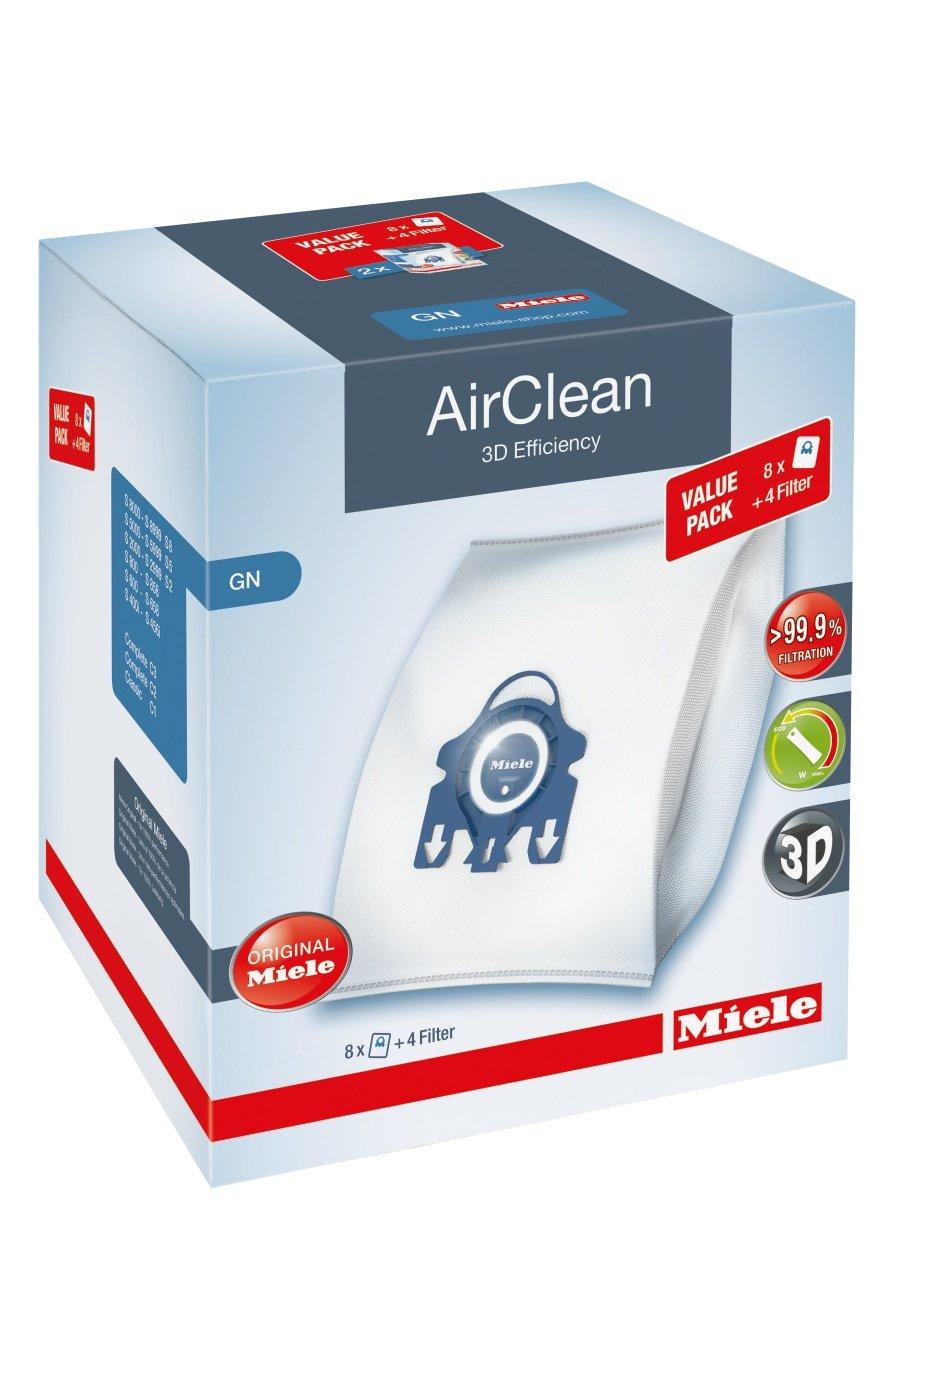 Miele AirClean 3D XL-Pack GN Dust Vacuum Bag, White by Miele